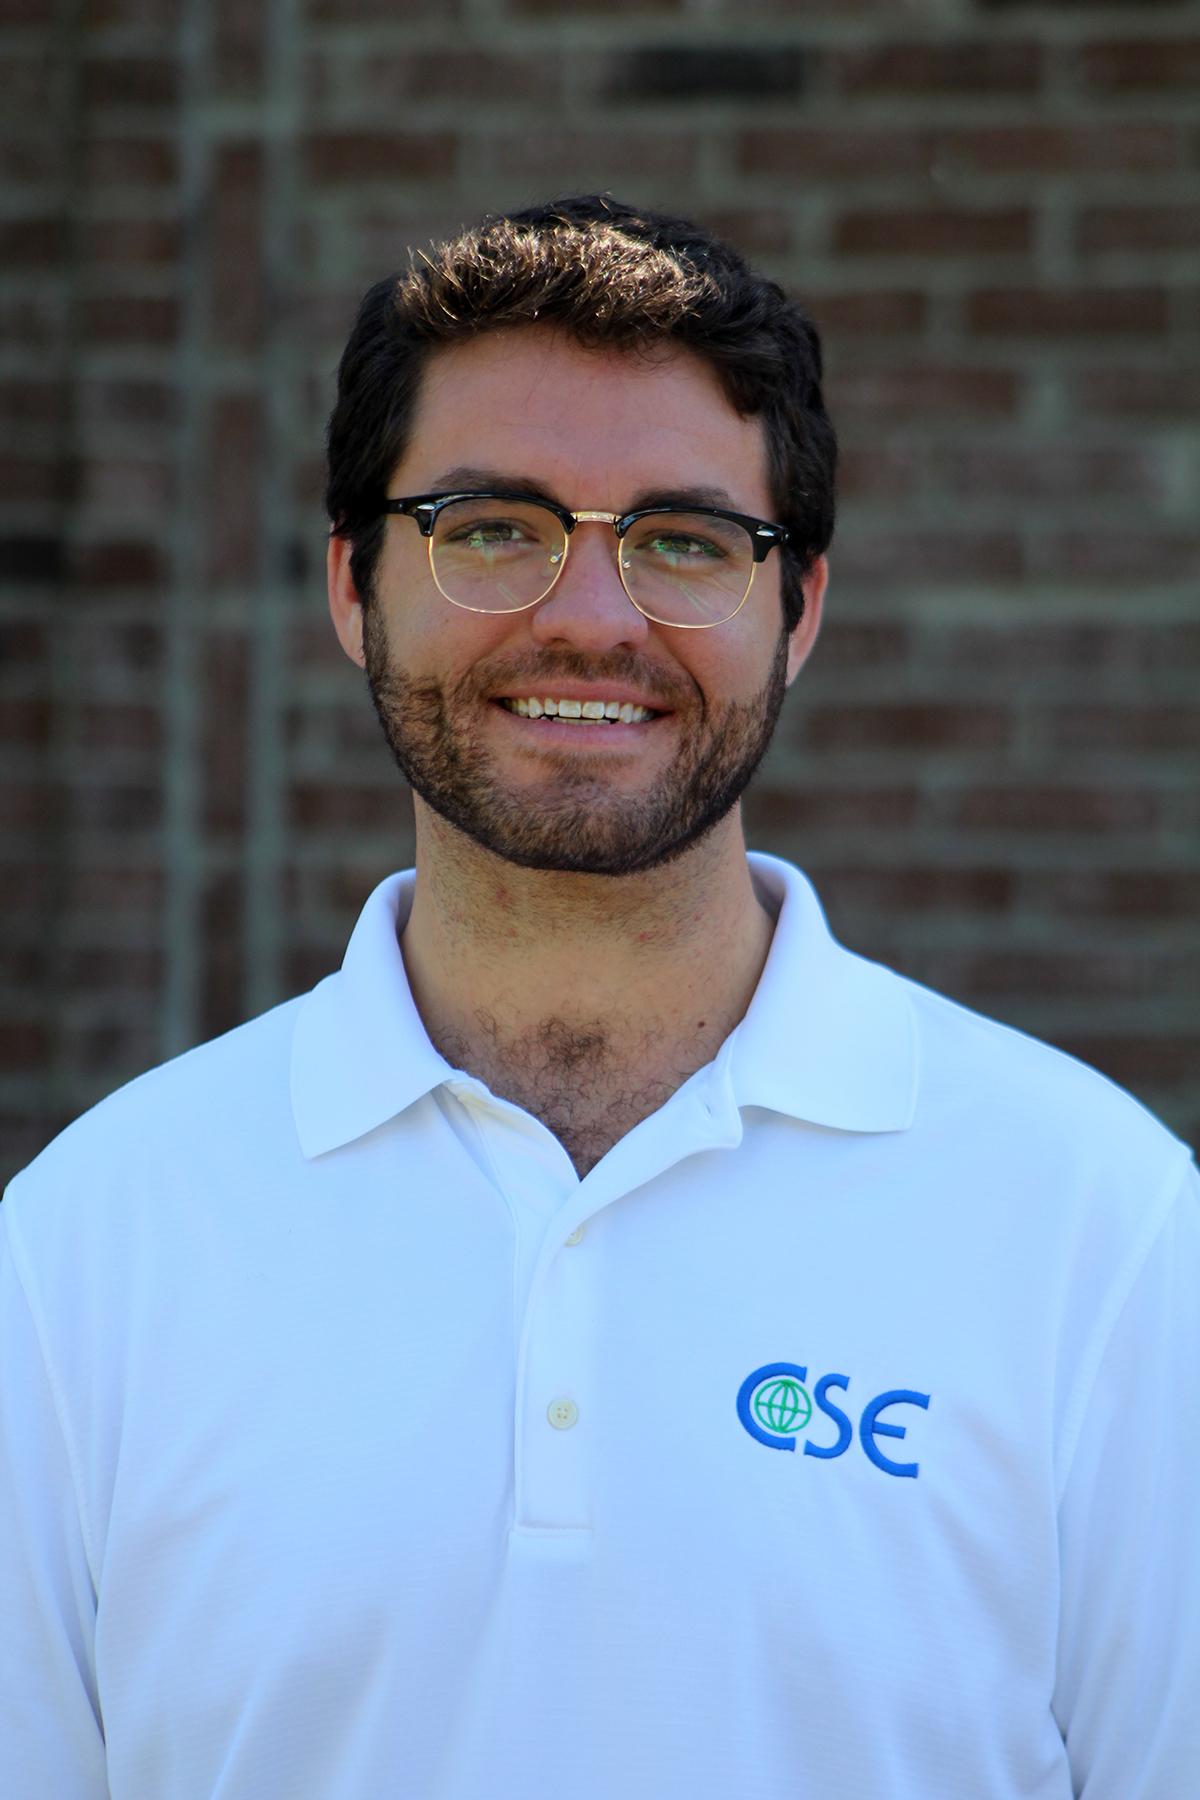 Patrick Barrineau, PhD